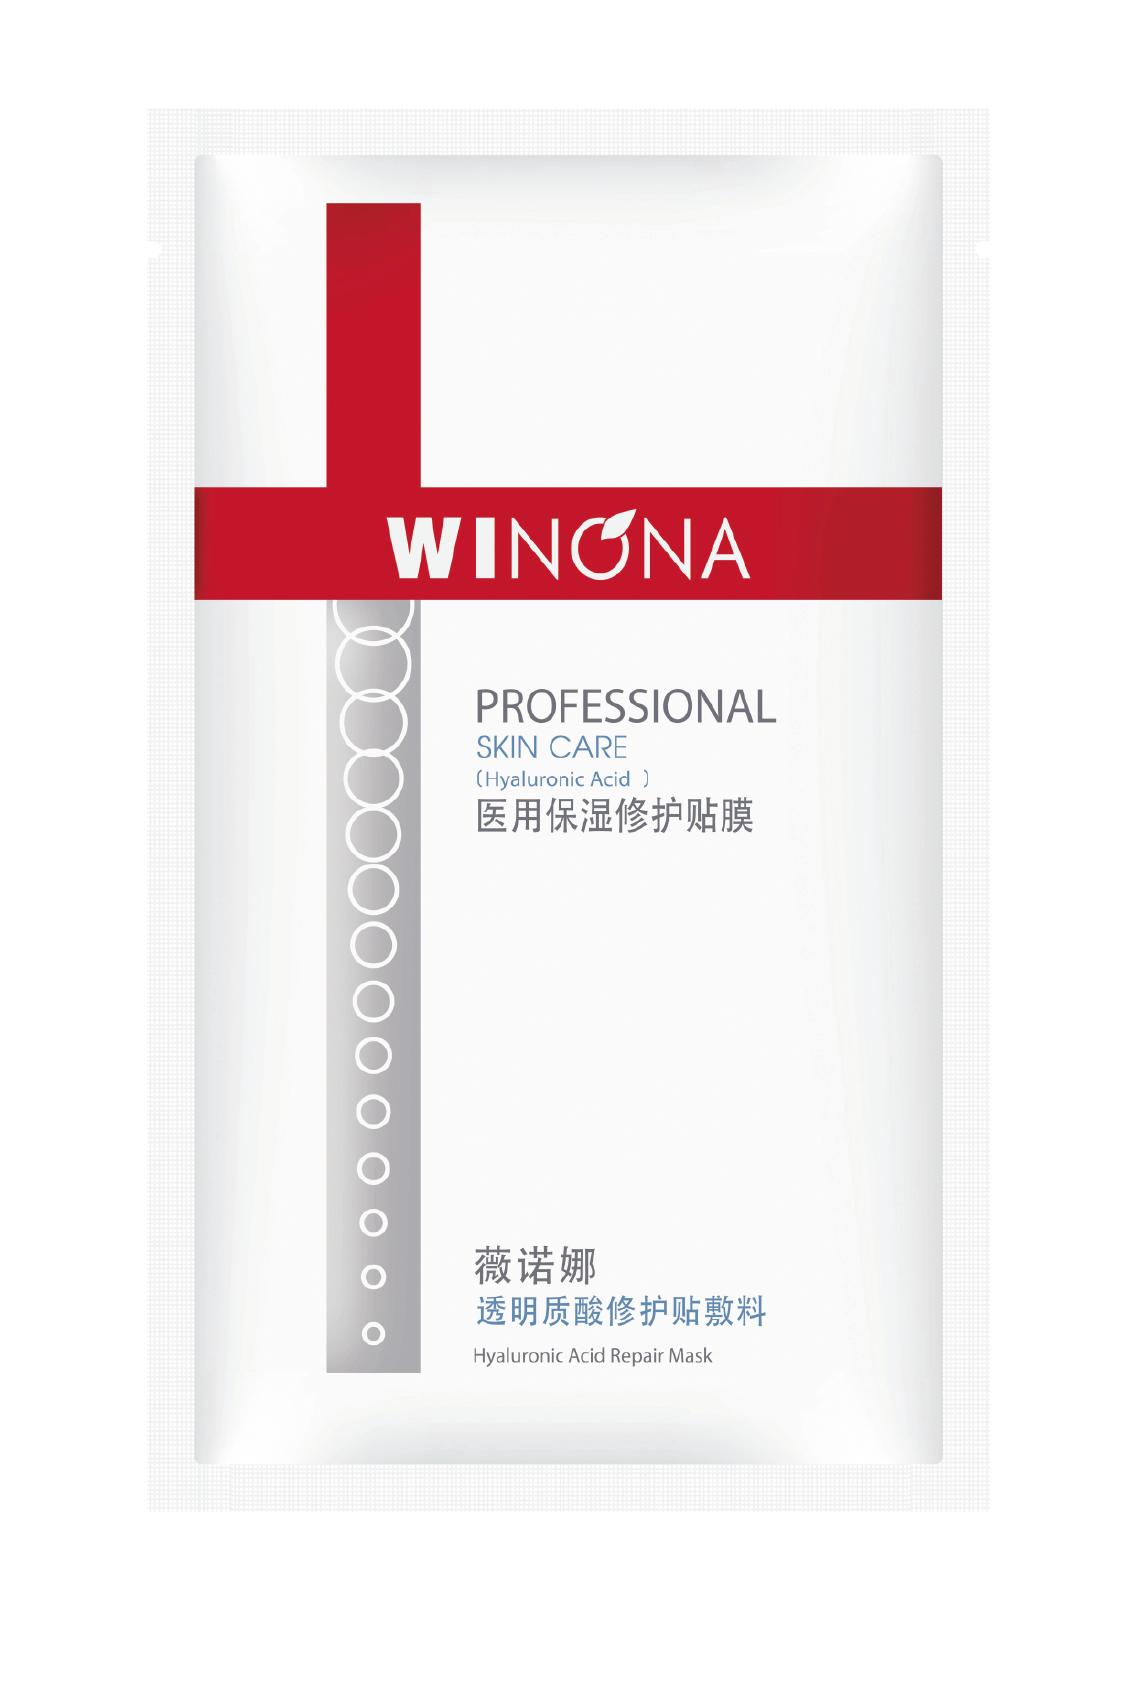 【【薇诺娜】透明质酸修护贴敷料 25g*6贴】怎么样_价格_说明书_功效与作用